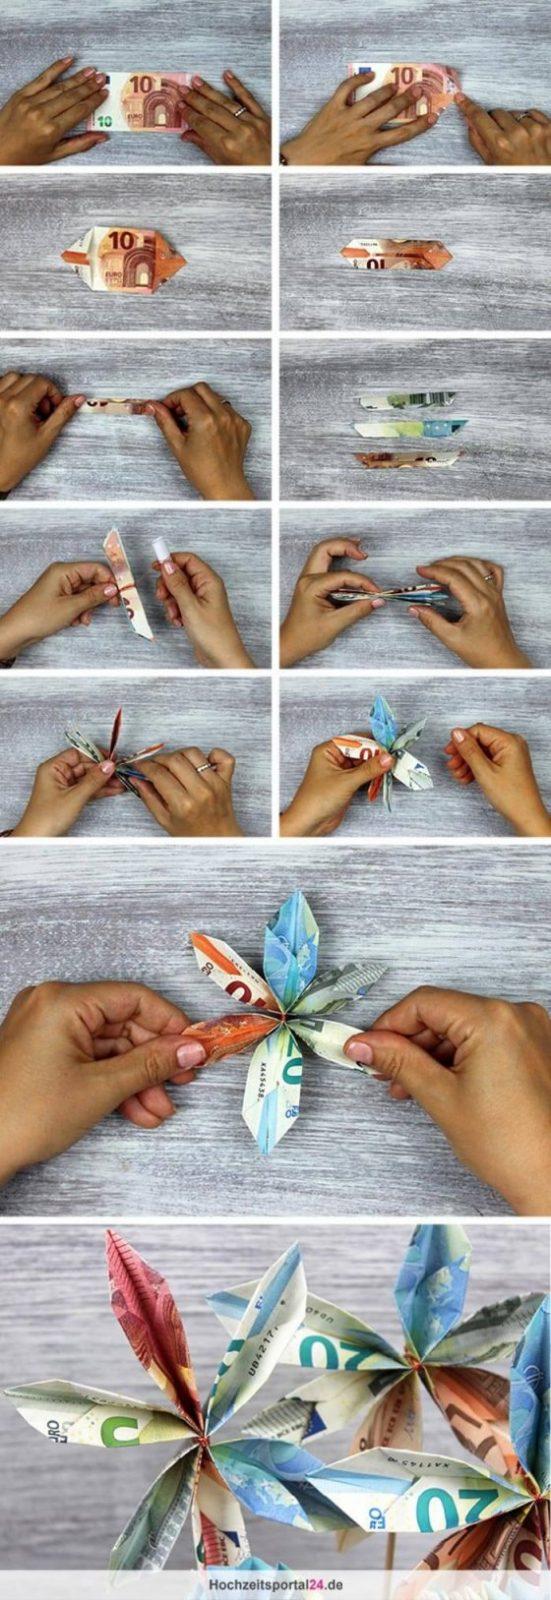 Geldblumen Tolle Blumen Aus Geld Für Die Hochzeit Falten von Geldscheine Falten Blume Mit Einem Schein Photo